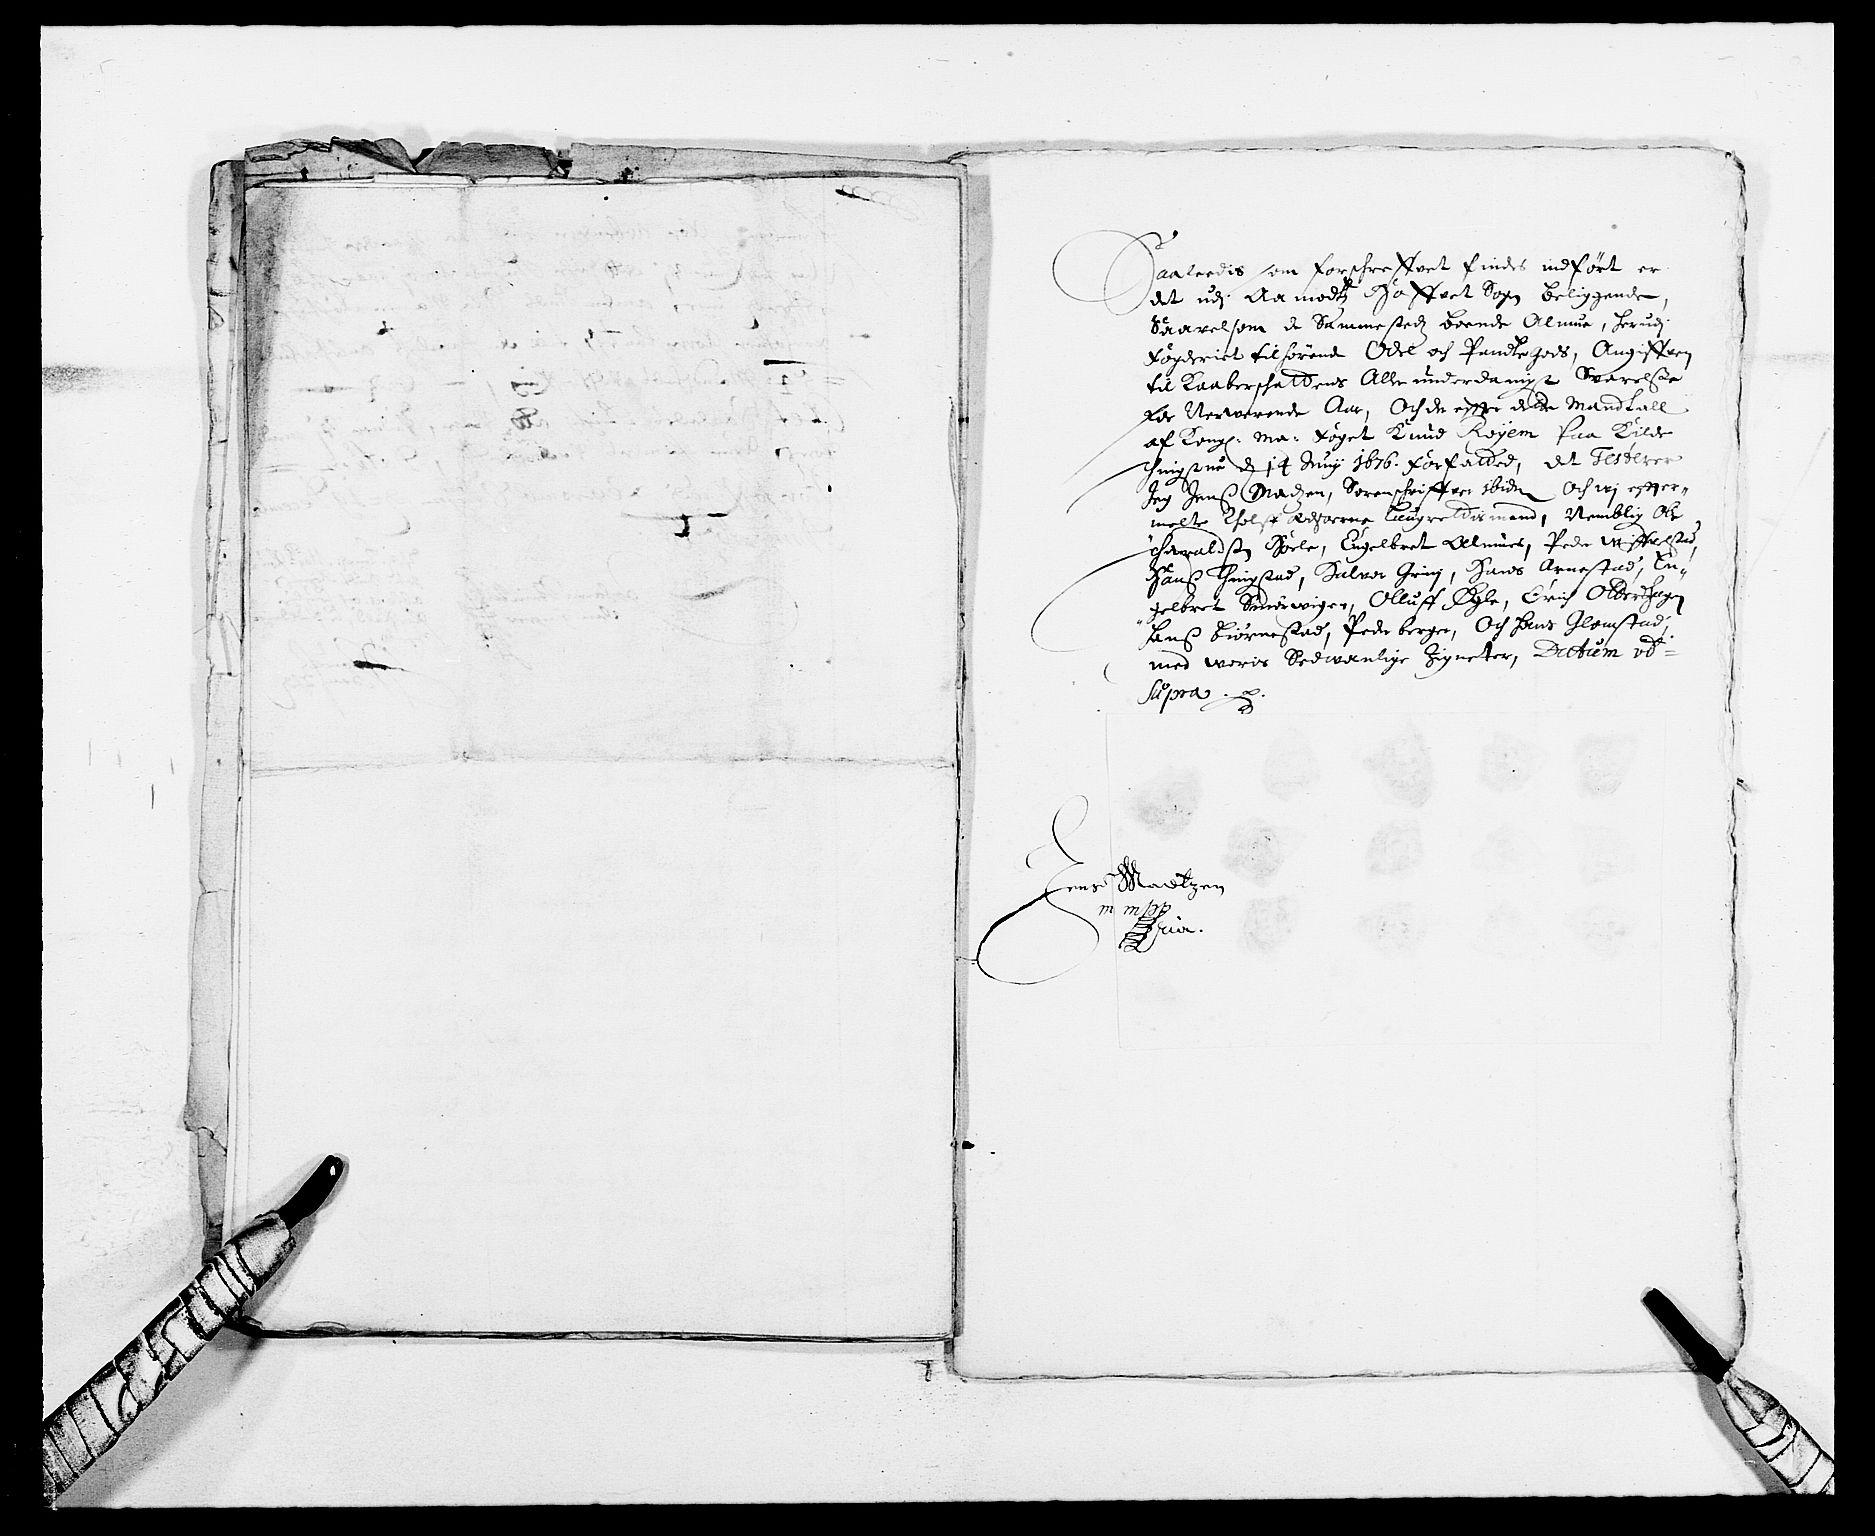 RA, Rentekammeret inntil 1814, Reviderte regnskaper, Fogderegnskap, R13/L0813: Fogderegnskap Solør, Odal og Østerdal, 1677, s. 190